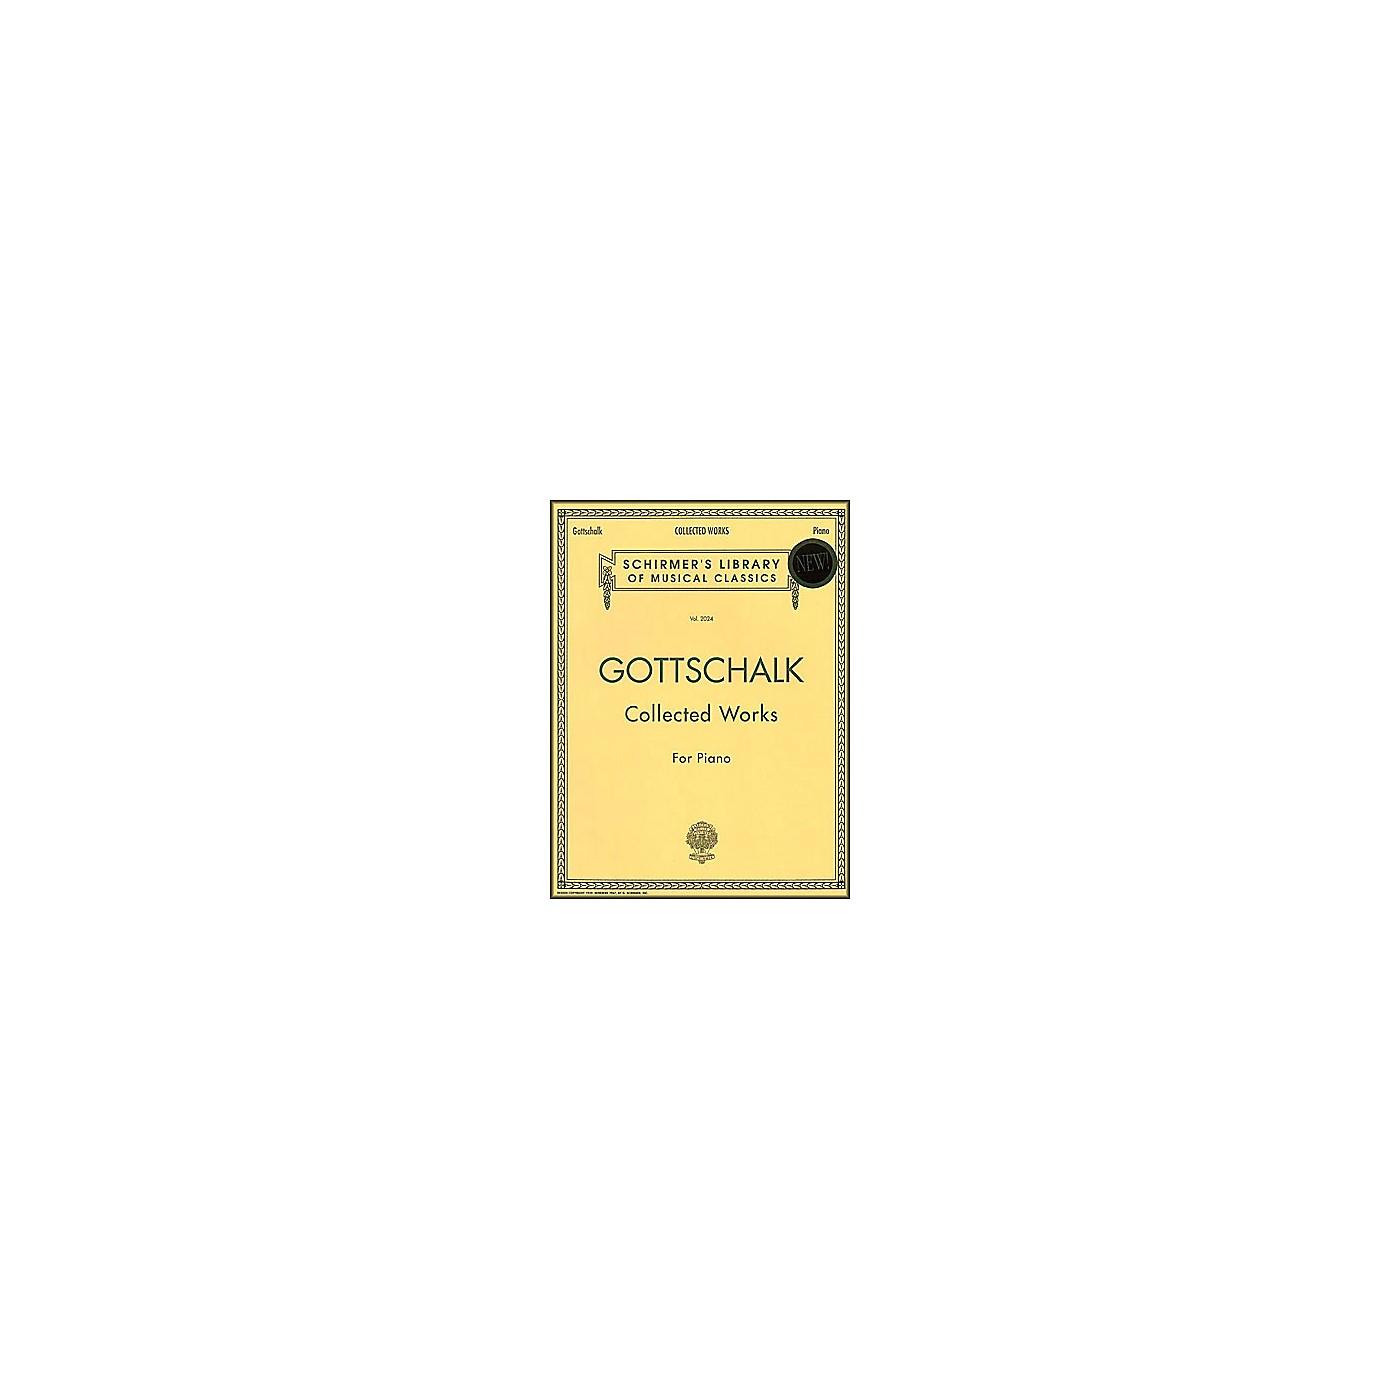 G. Schirmer Collected Works Gottschalk Piano Centennial Edition By Gottschalk thumbnail